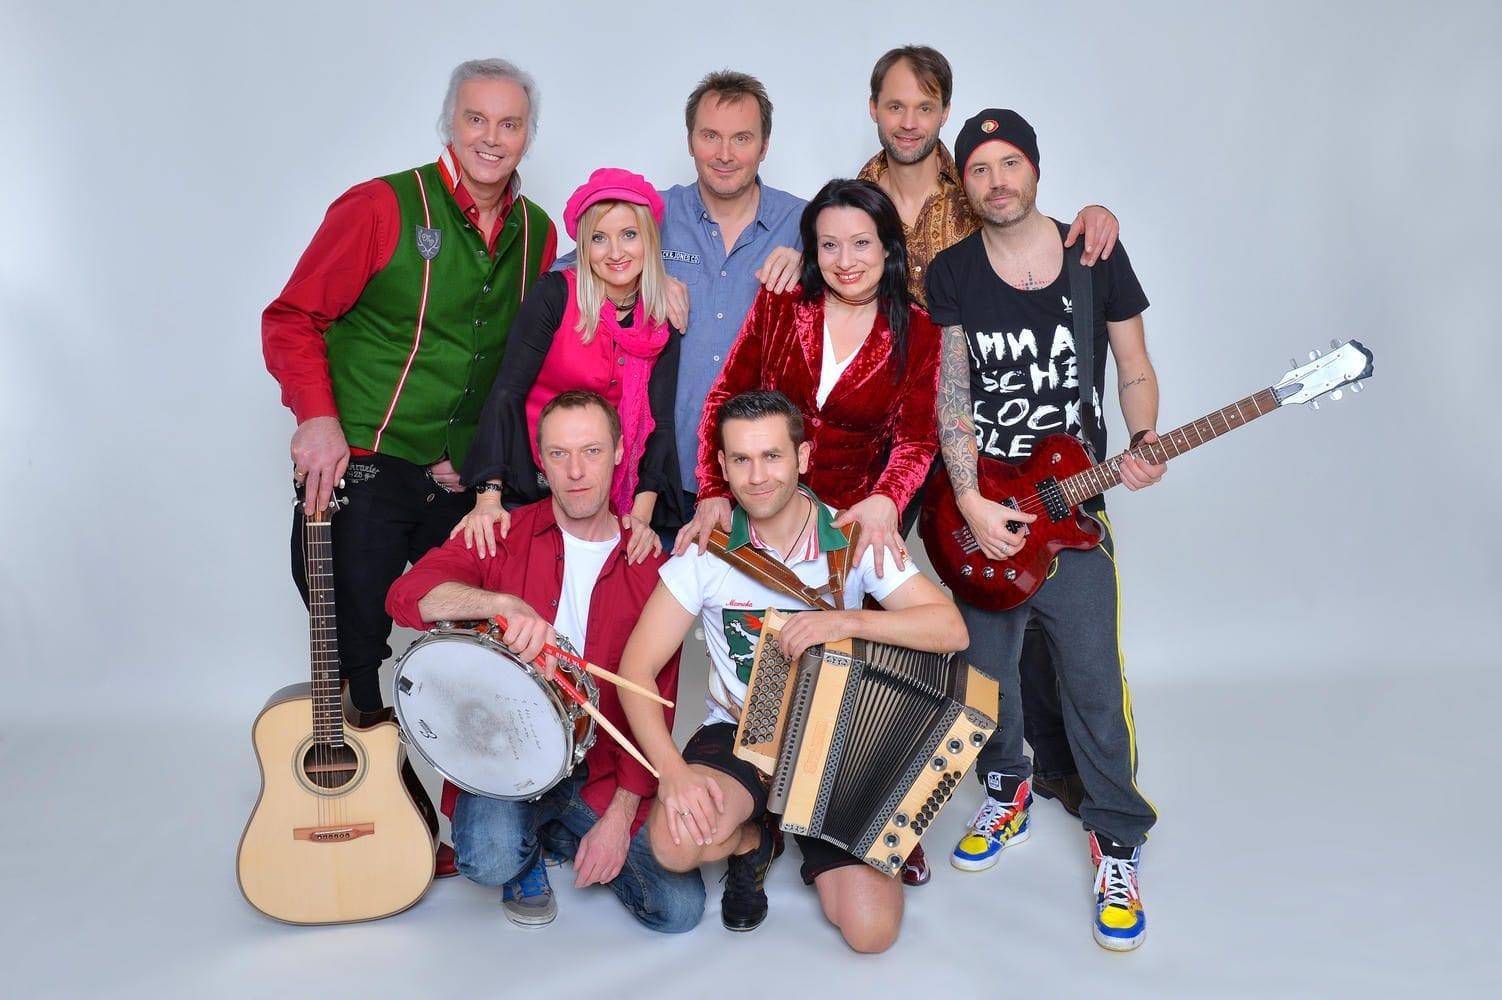 Musikgruppe Die Seer